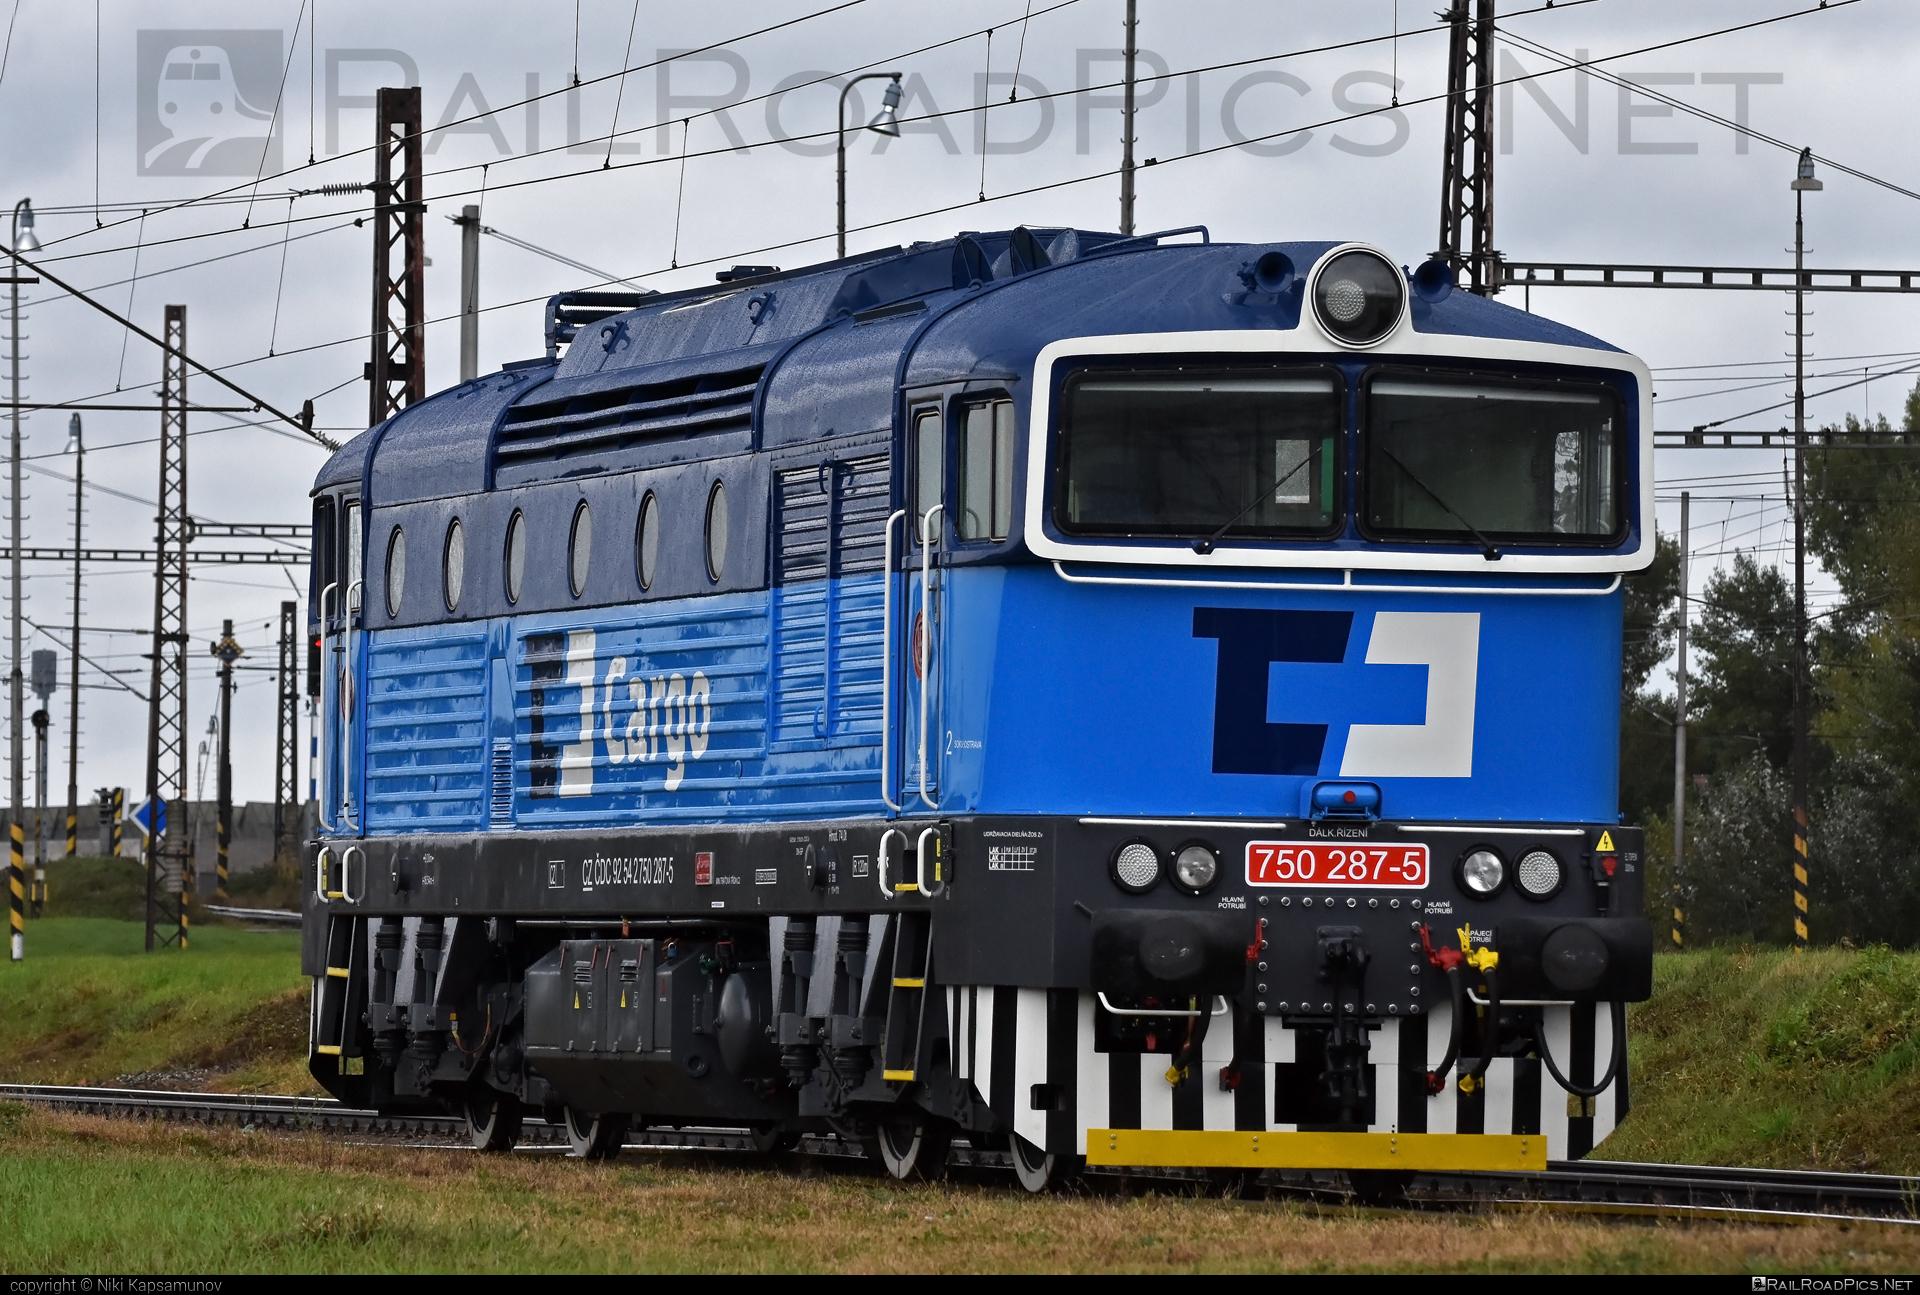 ČKD T 478.3 (753) - 750 287-5 operated by ČD Cargo, a.s. #brejlovec #ckd #ckd1435bobo1800 #ckdclass753 #ckdt4783 #locomotive750 #locomotive753 #okuliarnik